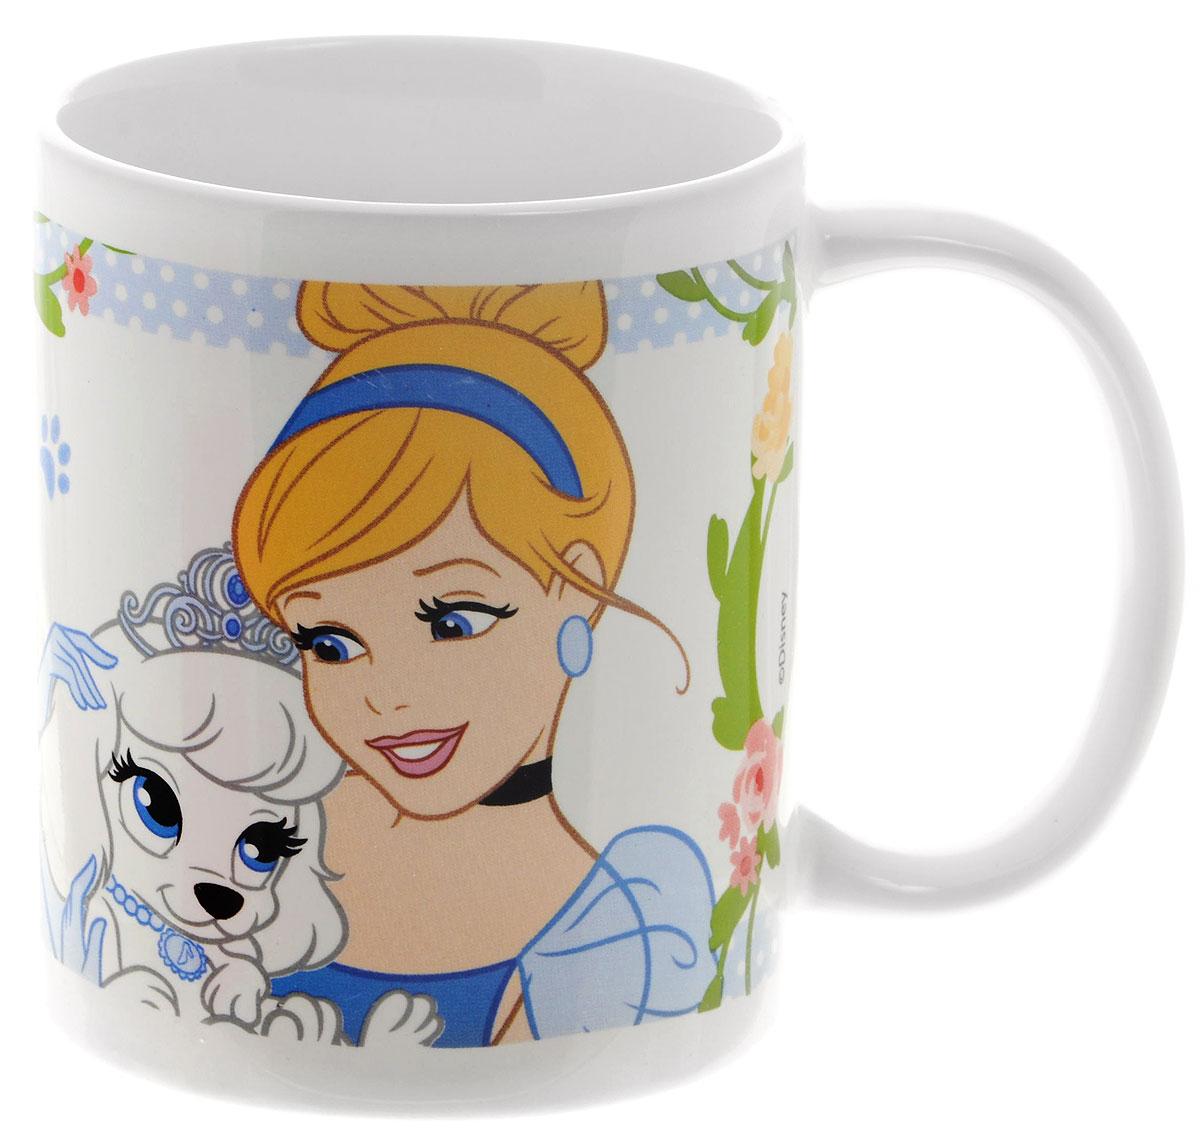 Stor Кружка детская Принцессы и их питомцы 325 мл72905Детская кружка Stor Принцессы и их питомцы с любимыми героями мультфильмов станет отличным подарком для вашей малышки. Она выполнена из керамики и оформлена изображением диснеевских принцесс с их питомцами. Кружка дополнена удобной ручкой.Такой подарок станет не только приятным, но и практичным сувениром: кружка будет незаменимым атрибутом чаепития, а ее оригинальное оформление добавит ярких эмоций и хорошего настроения.Допустимо использование в микроволновой печи и посудомоечной машине.